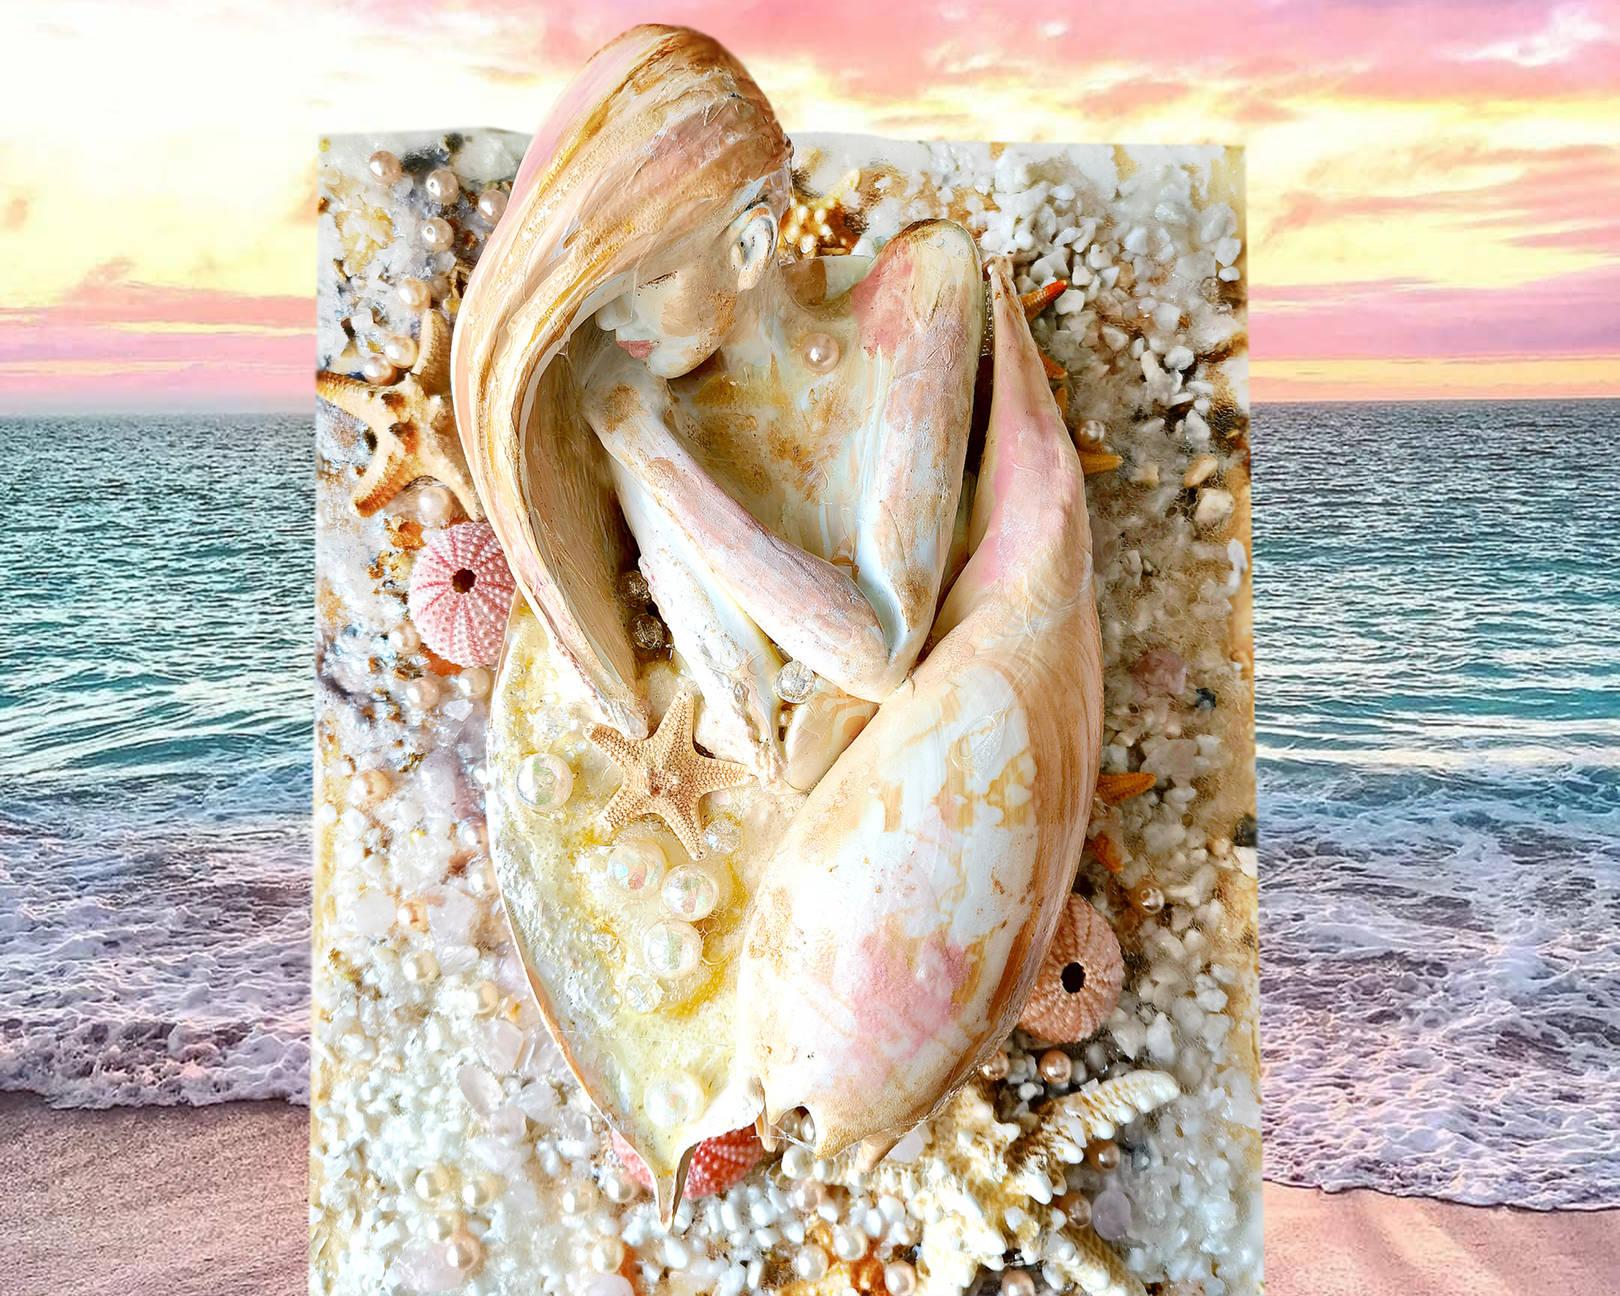 Акрил, деревянная панель, гипс, розовый кварц, жемчуг, натуральная раковина, морские звезды и камешки, текстура